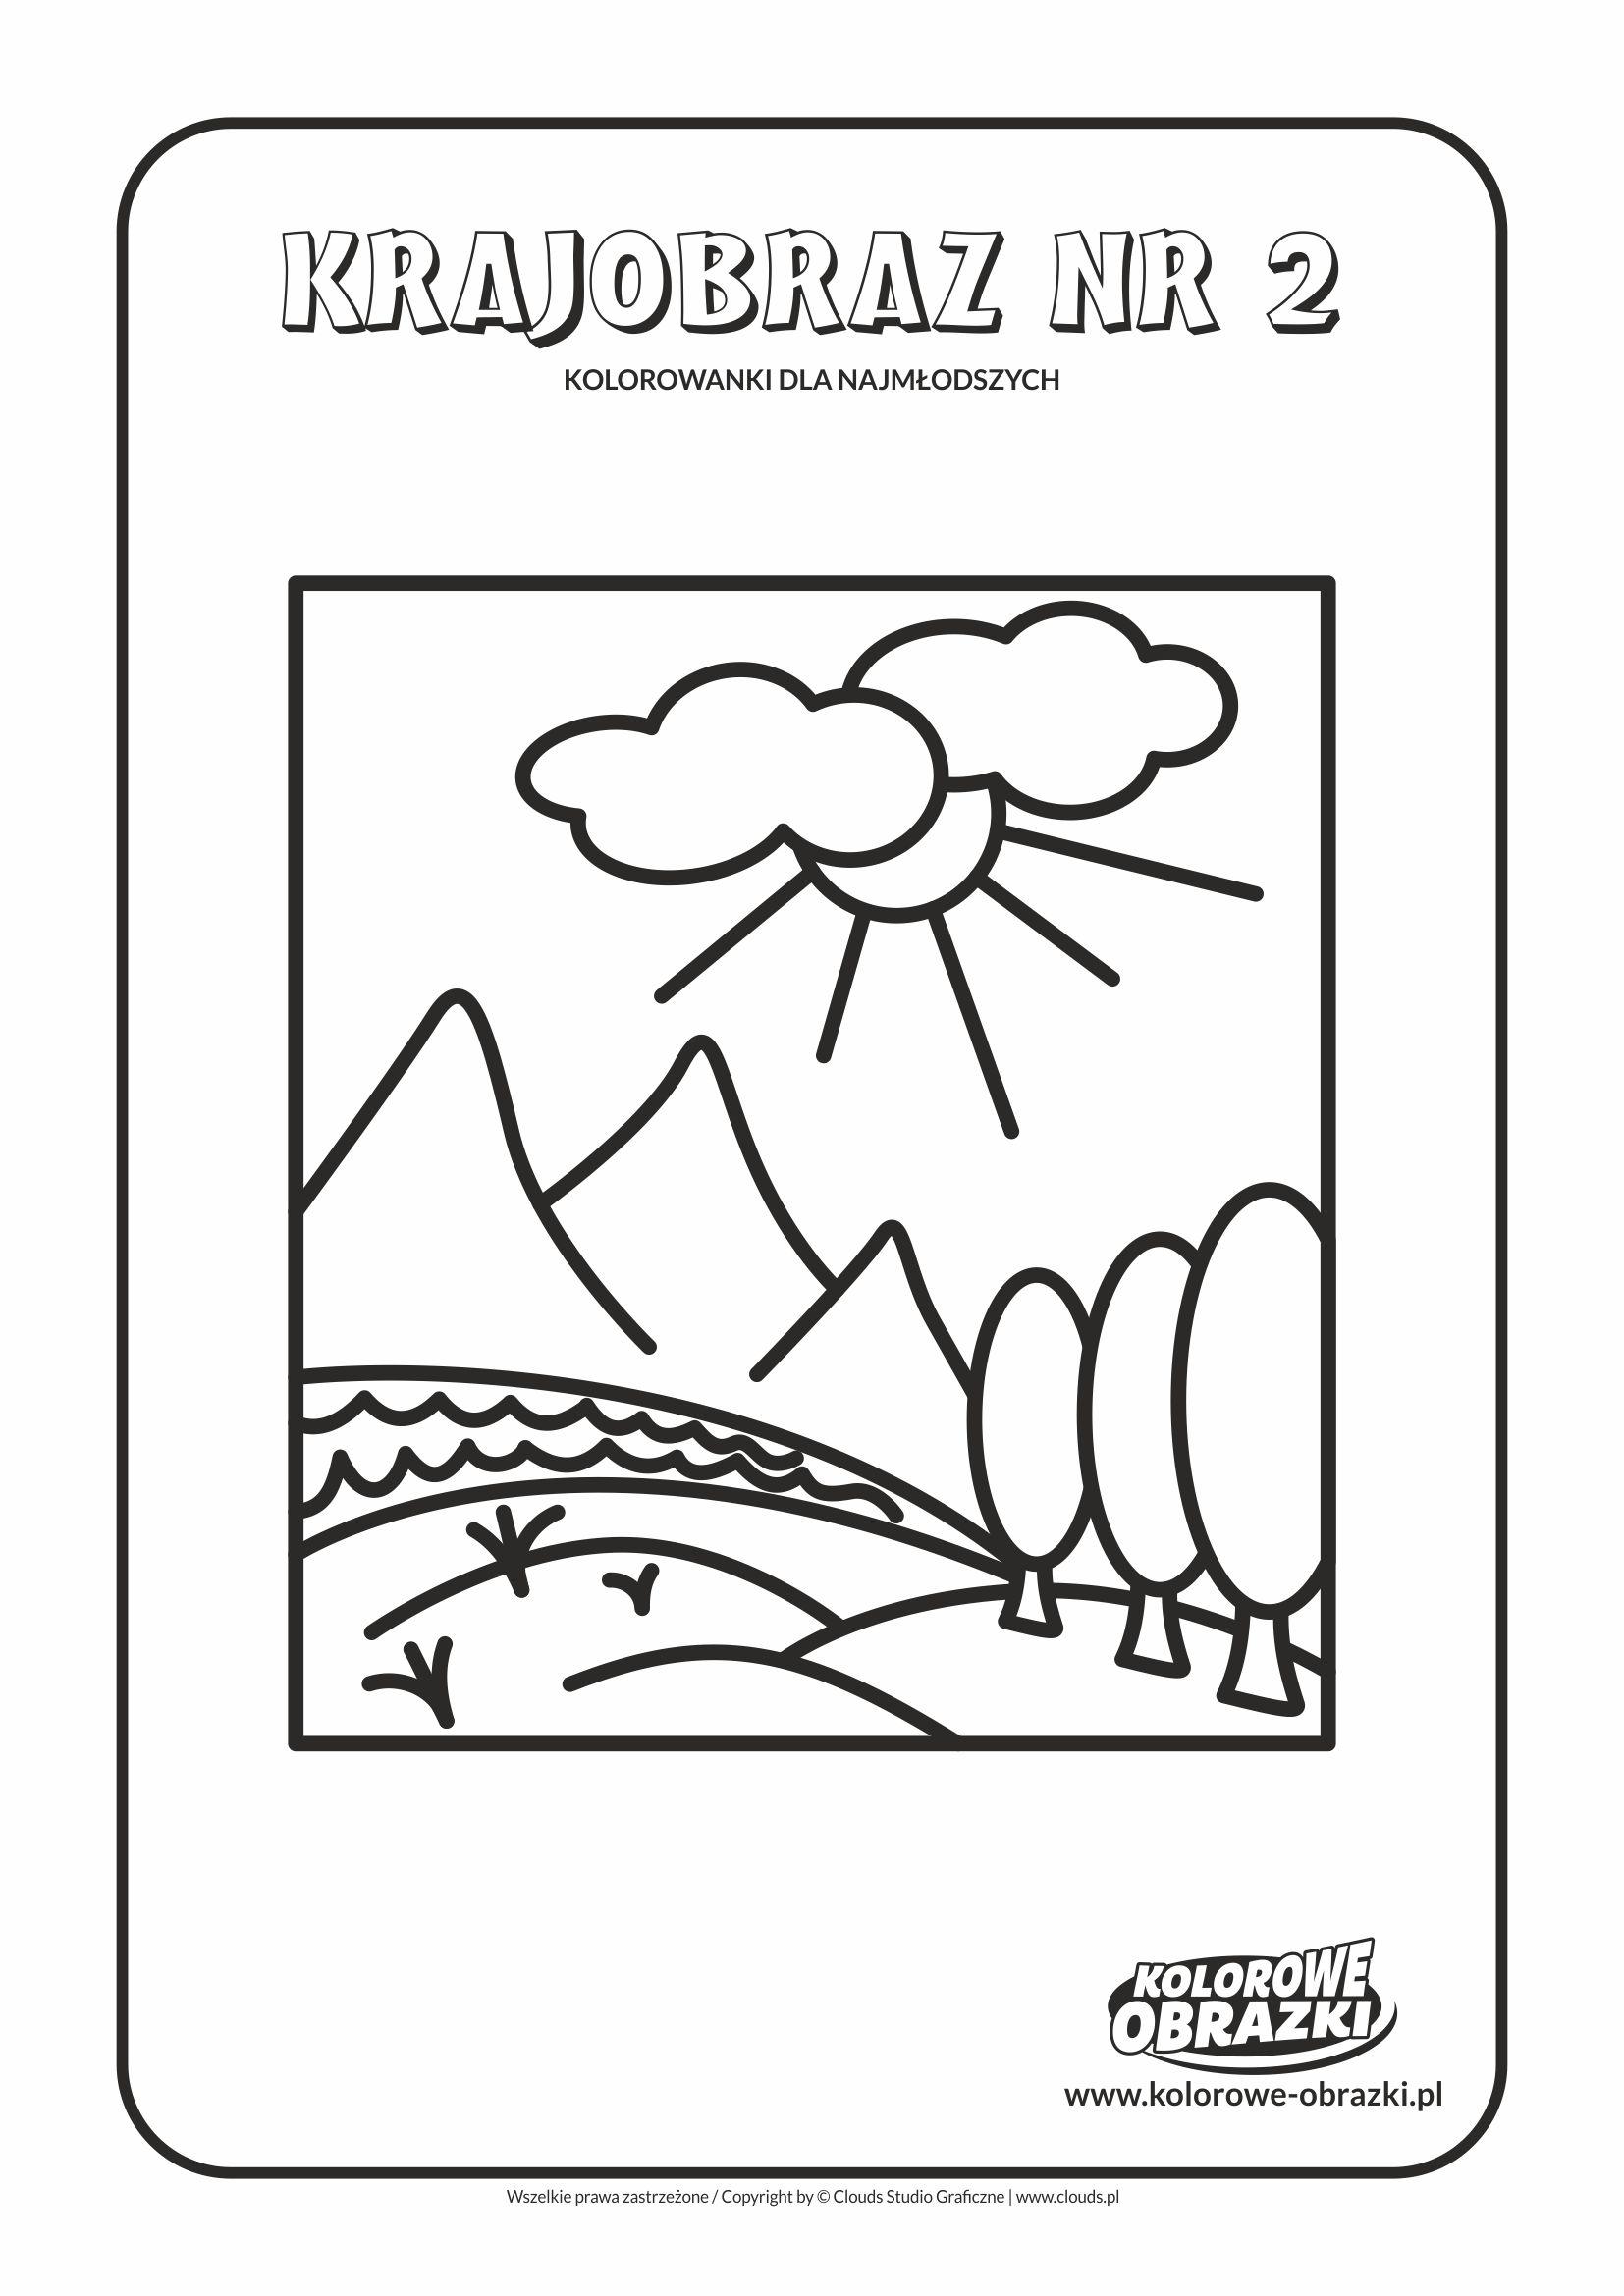 Proste kolorowanki dla najmłodszych - Krajobrazy / Krajobraz nr 2. Kolorowanka z krajobrazem